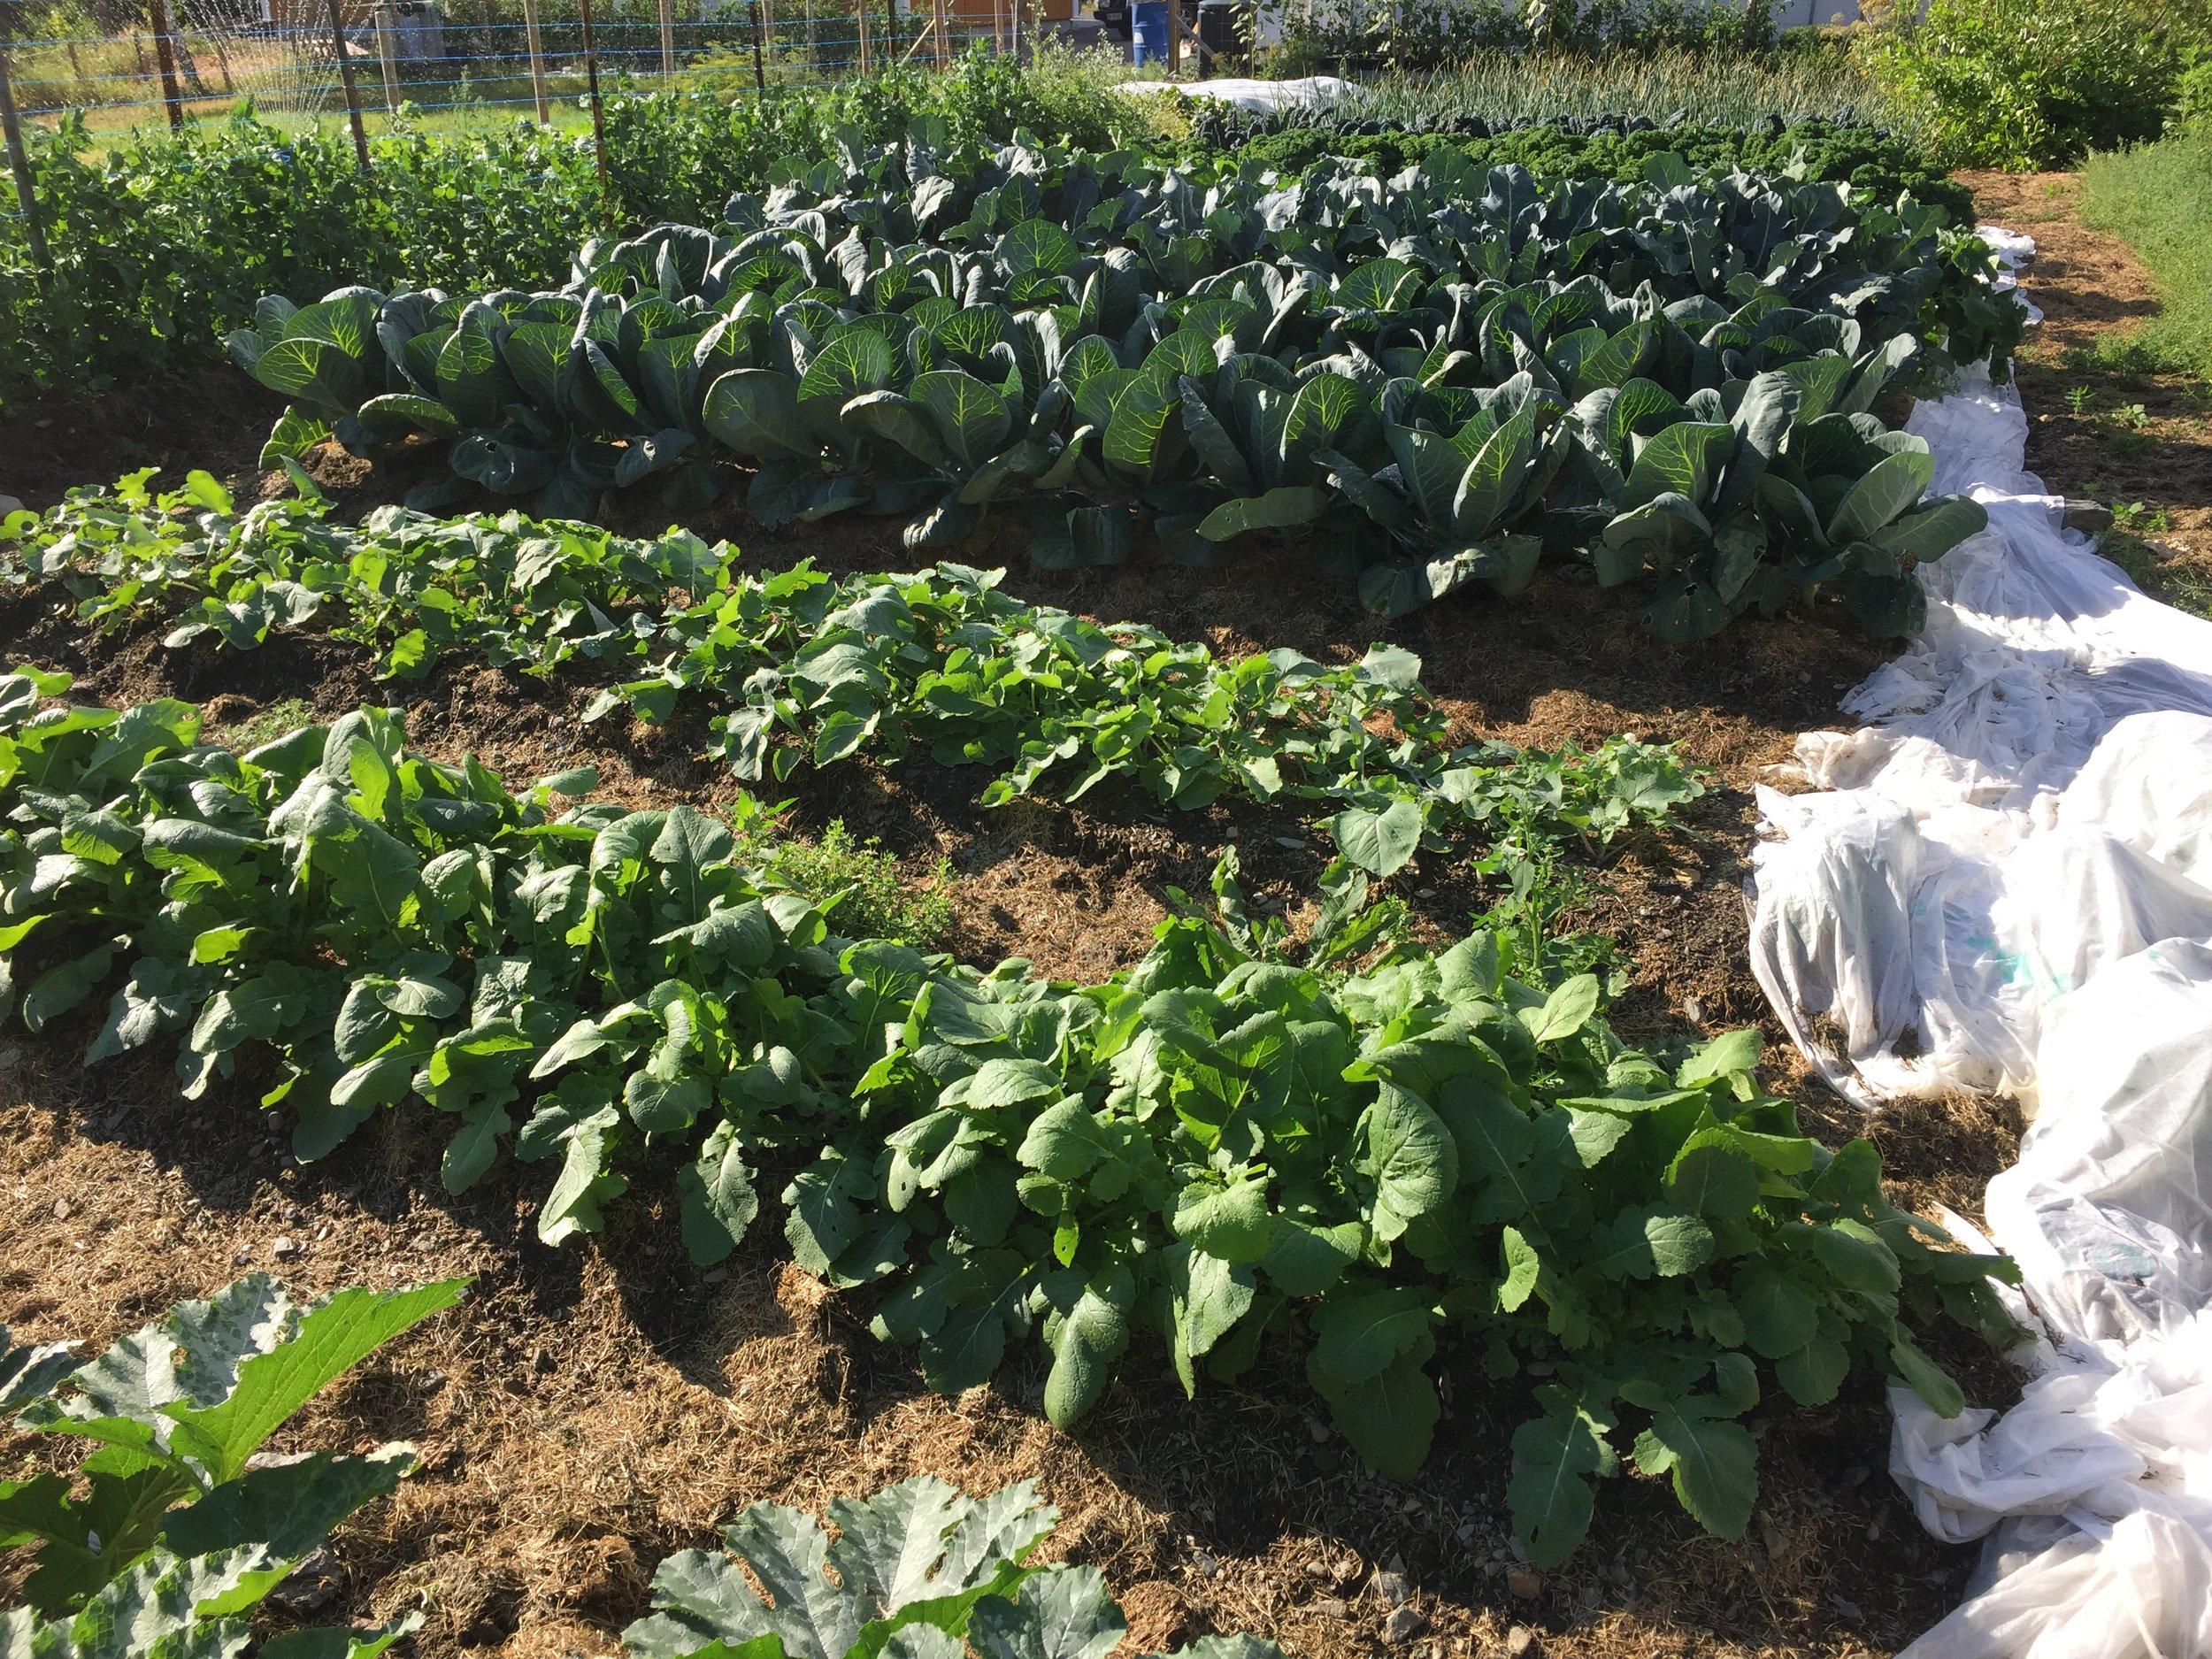 I Datsjas beredskapshage på 200m2 henter vi ut omlag 1000 kg grønnsaker årlig - kun med gress dekke og brenneslevann som gjødsling. Derfor mener vi alle plener har et potensiale for matvareproduksjon av betydning.